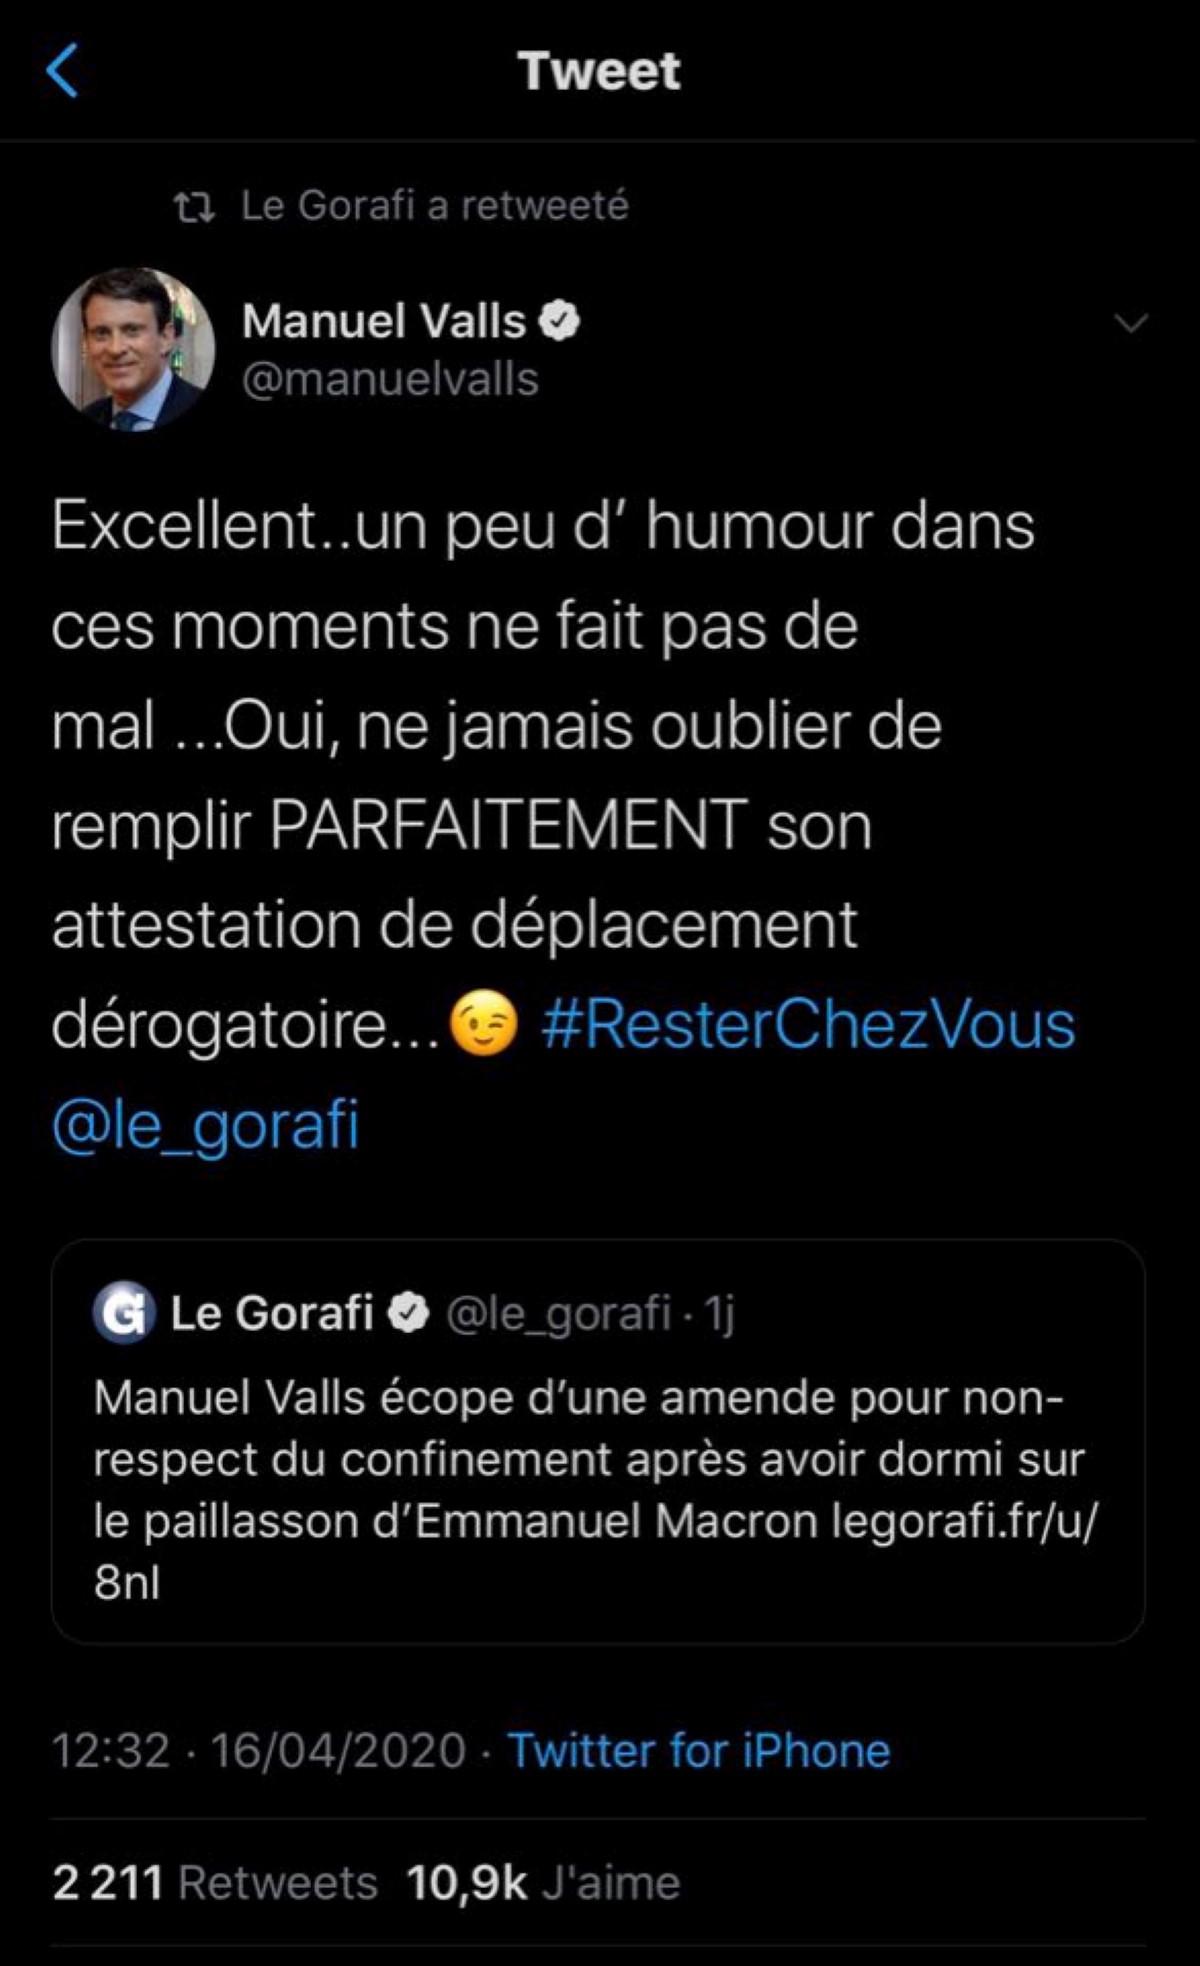 Covid-19 : un journal se moque de l'ex-PM français, regardez comment il répond